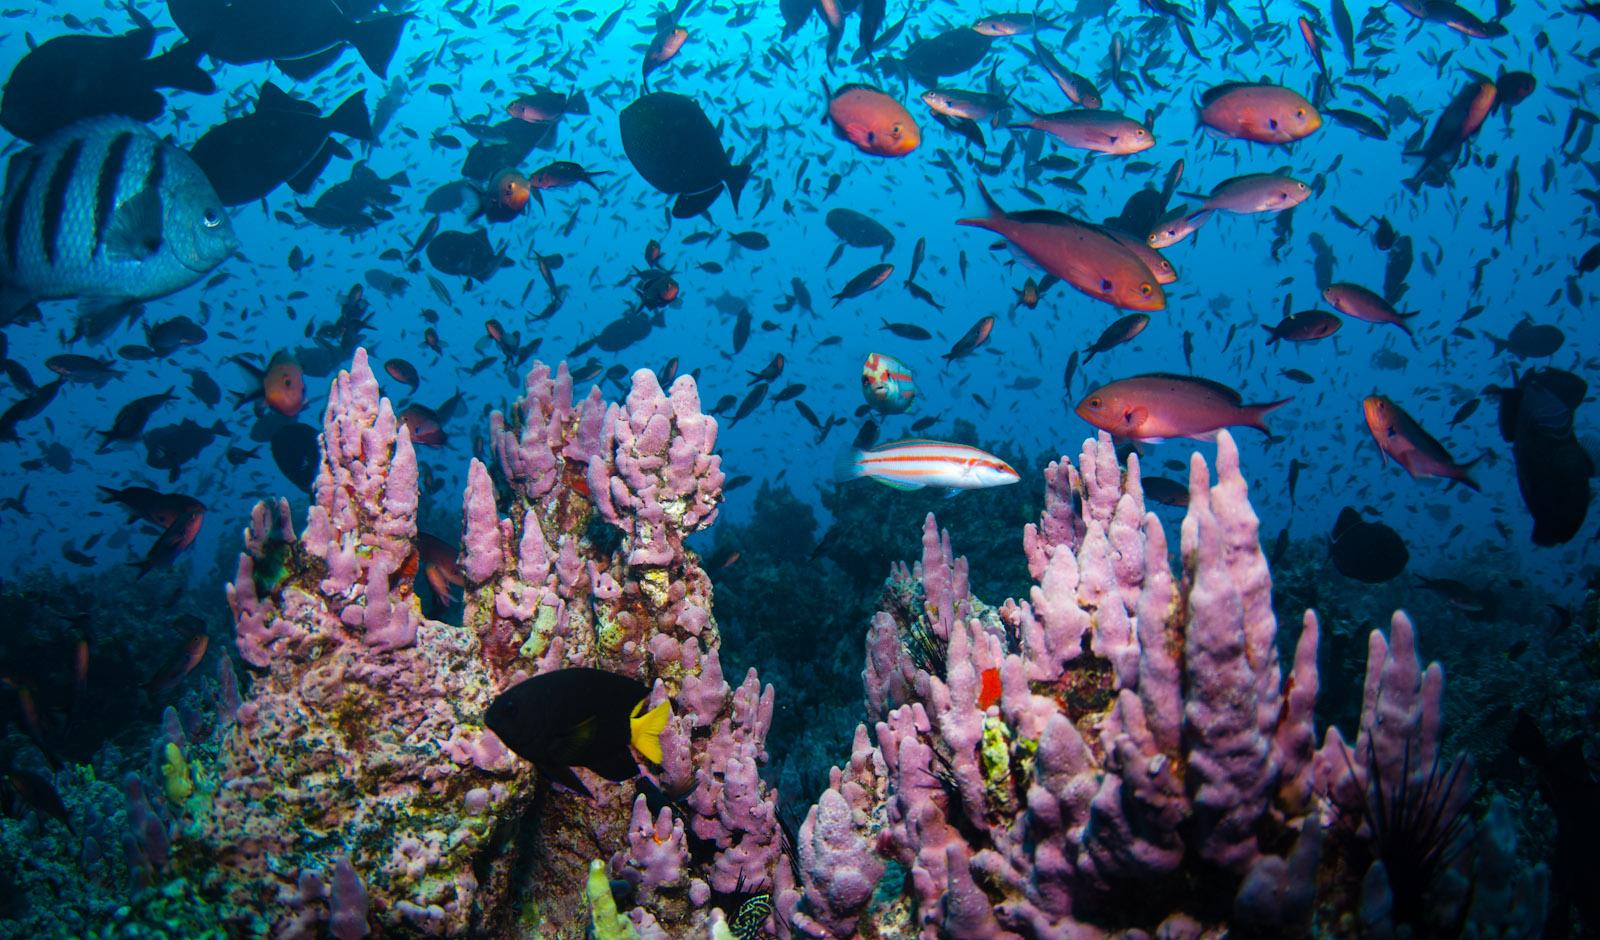 обитатели атлантического океана фото и названия жизни, легко иди